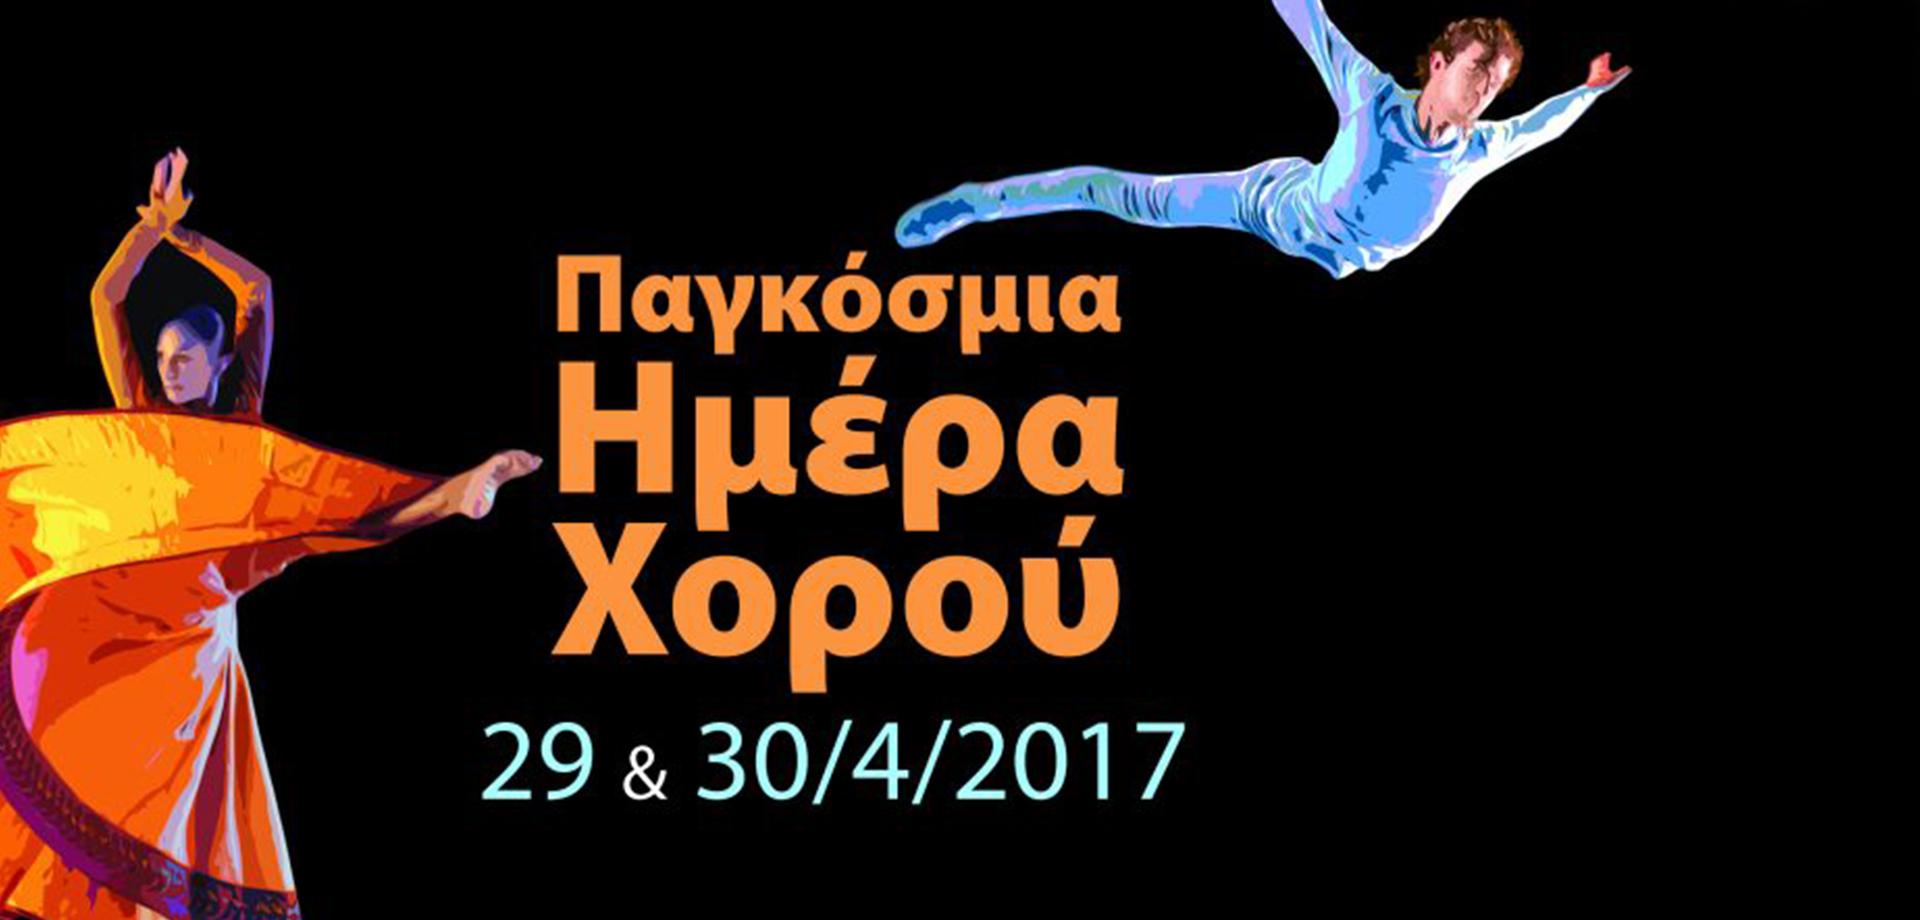 Παγκόσμια Ημέρα Χορού στην Αθήνα